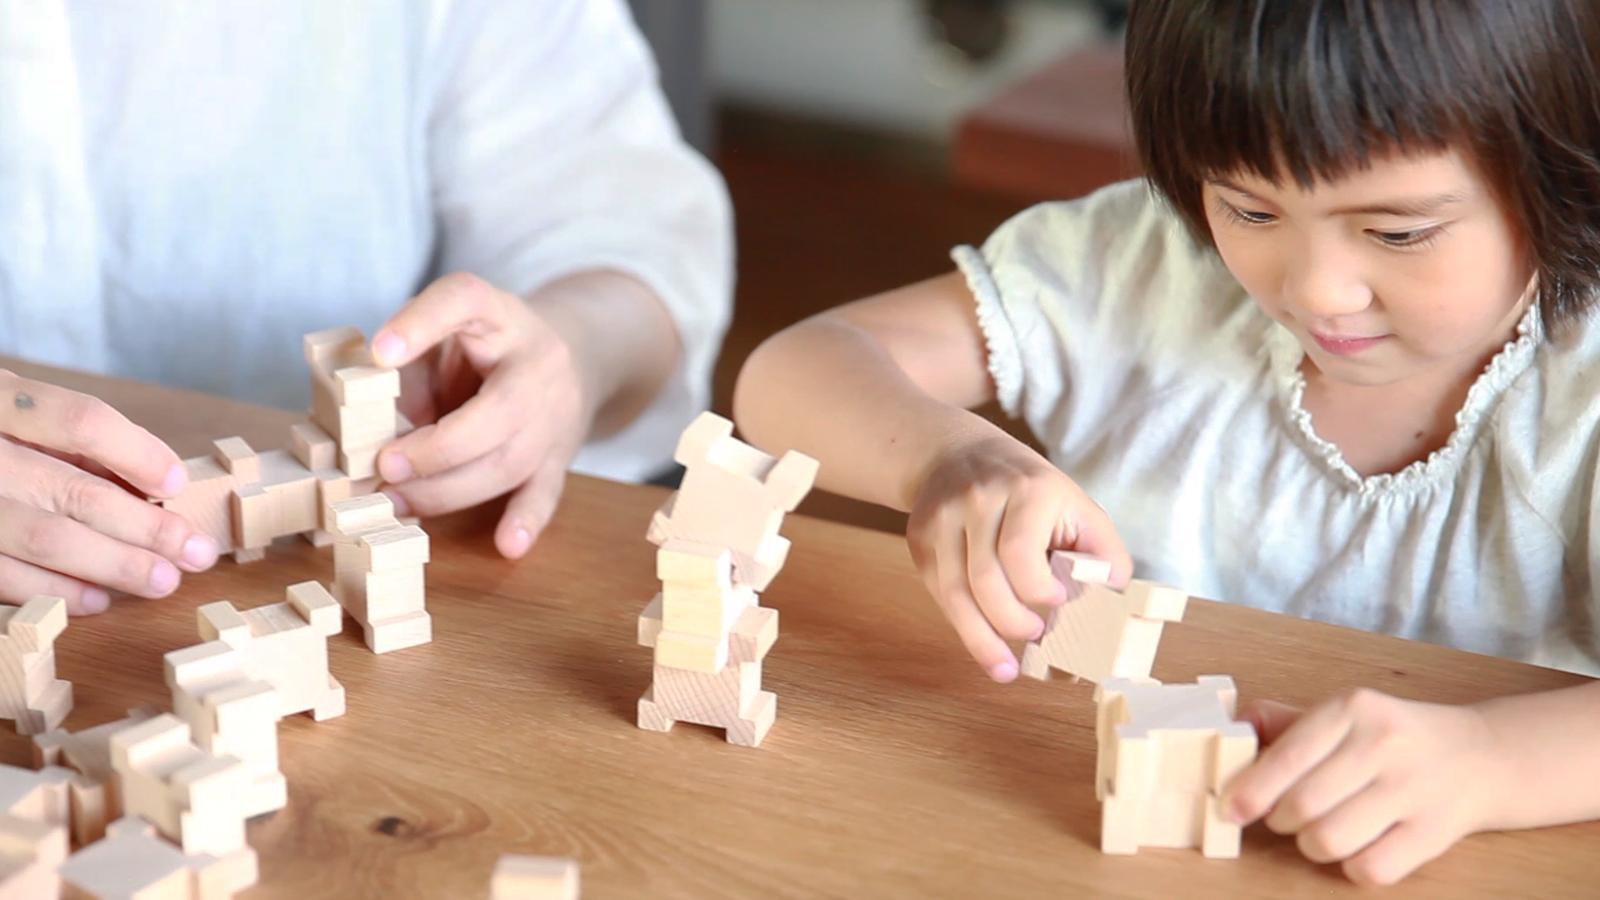 「楽しい」ってどういうこと? おもちゃ製作で大切にしている5つの要素